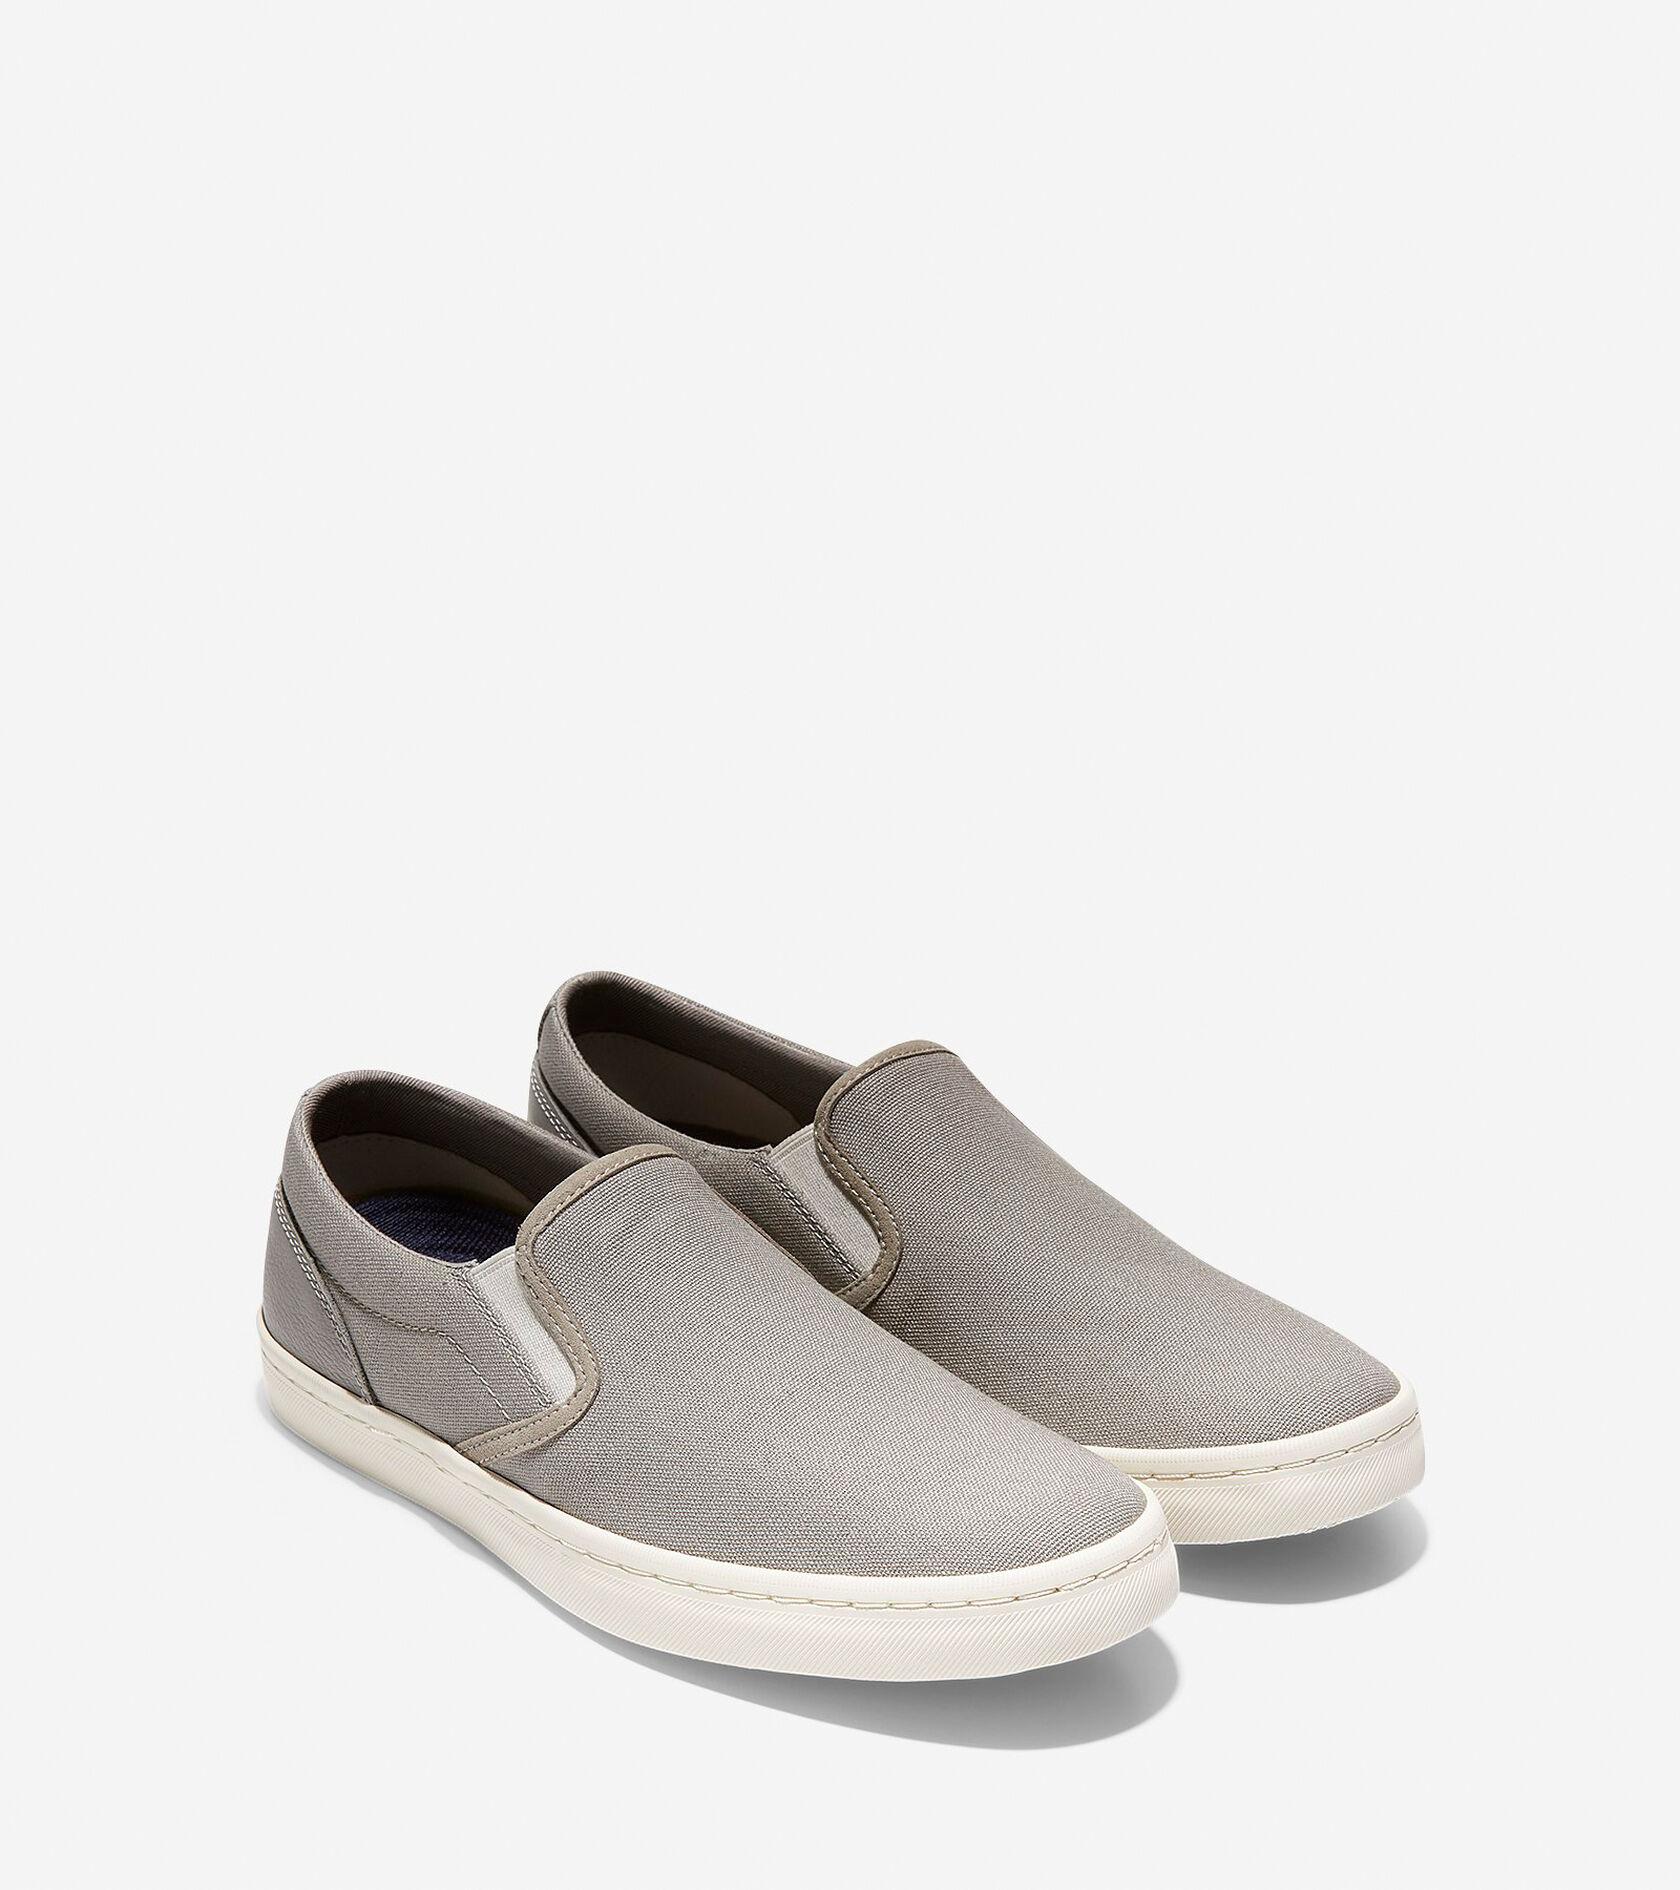 Cole Haan Mens Nantucket Deck Slip-On Sneaker